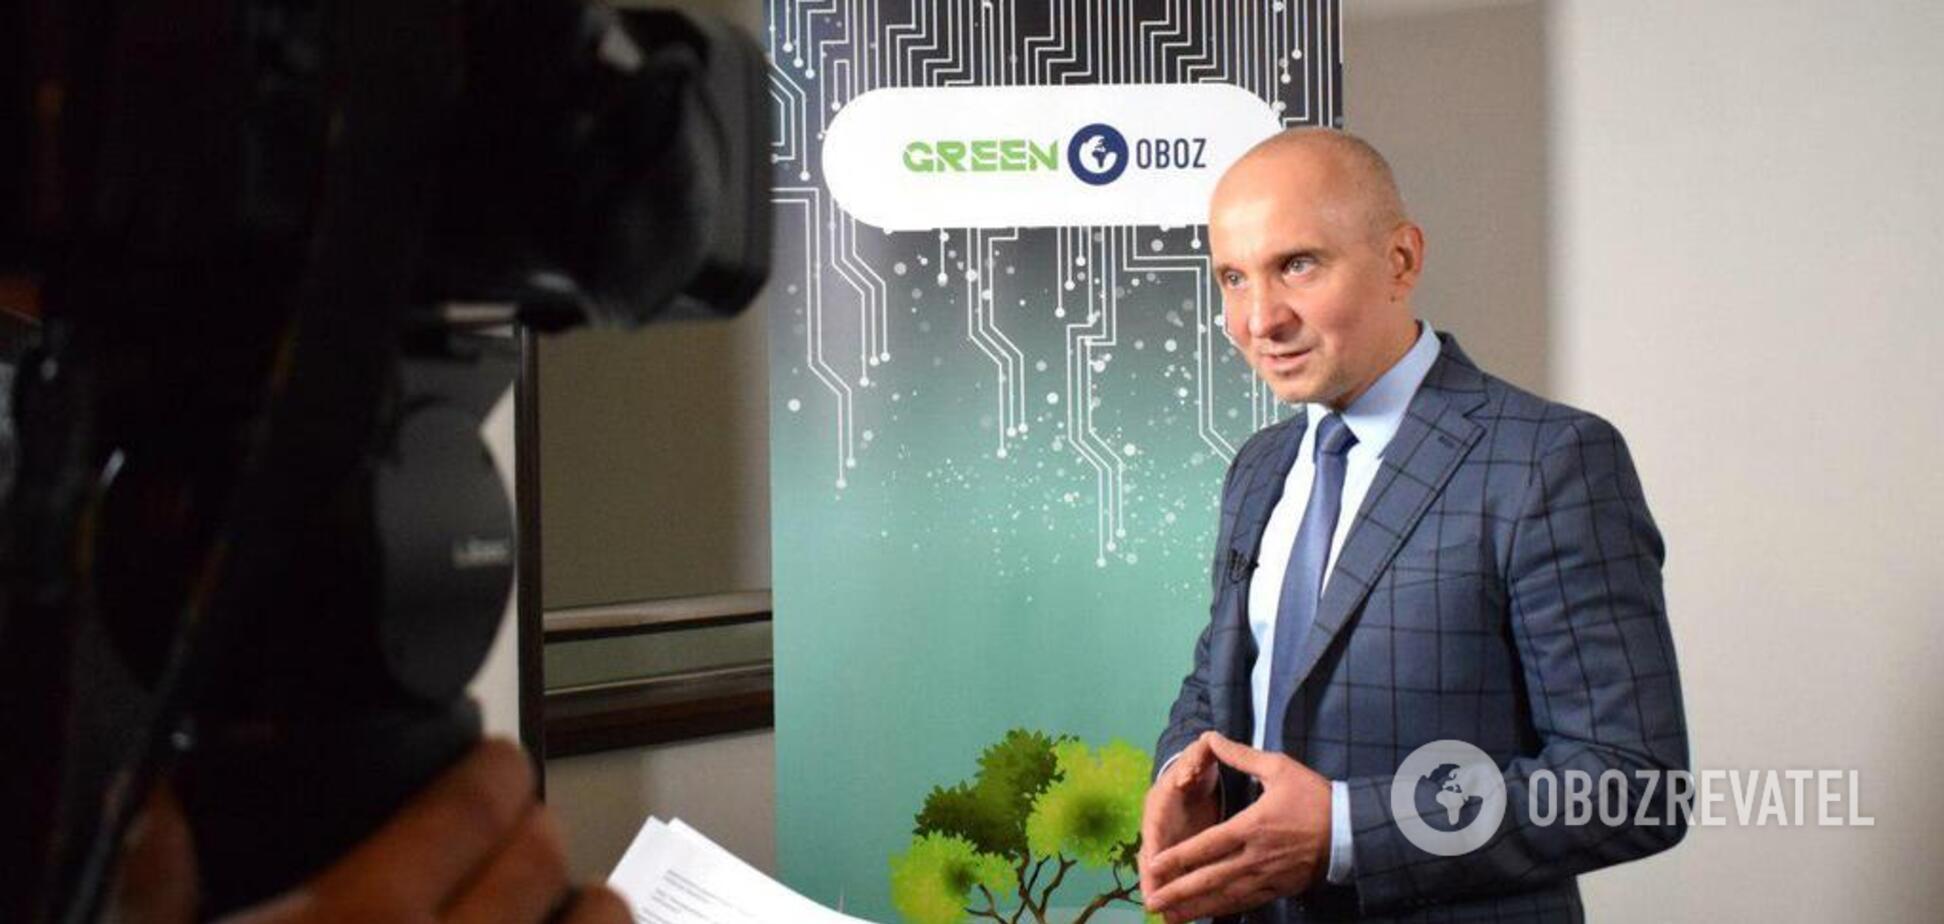 Савчук возглавил крупную компанию по производству 'зеленой' энергии